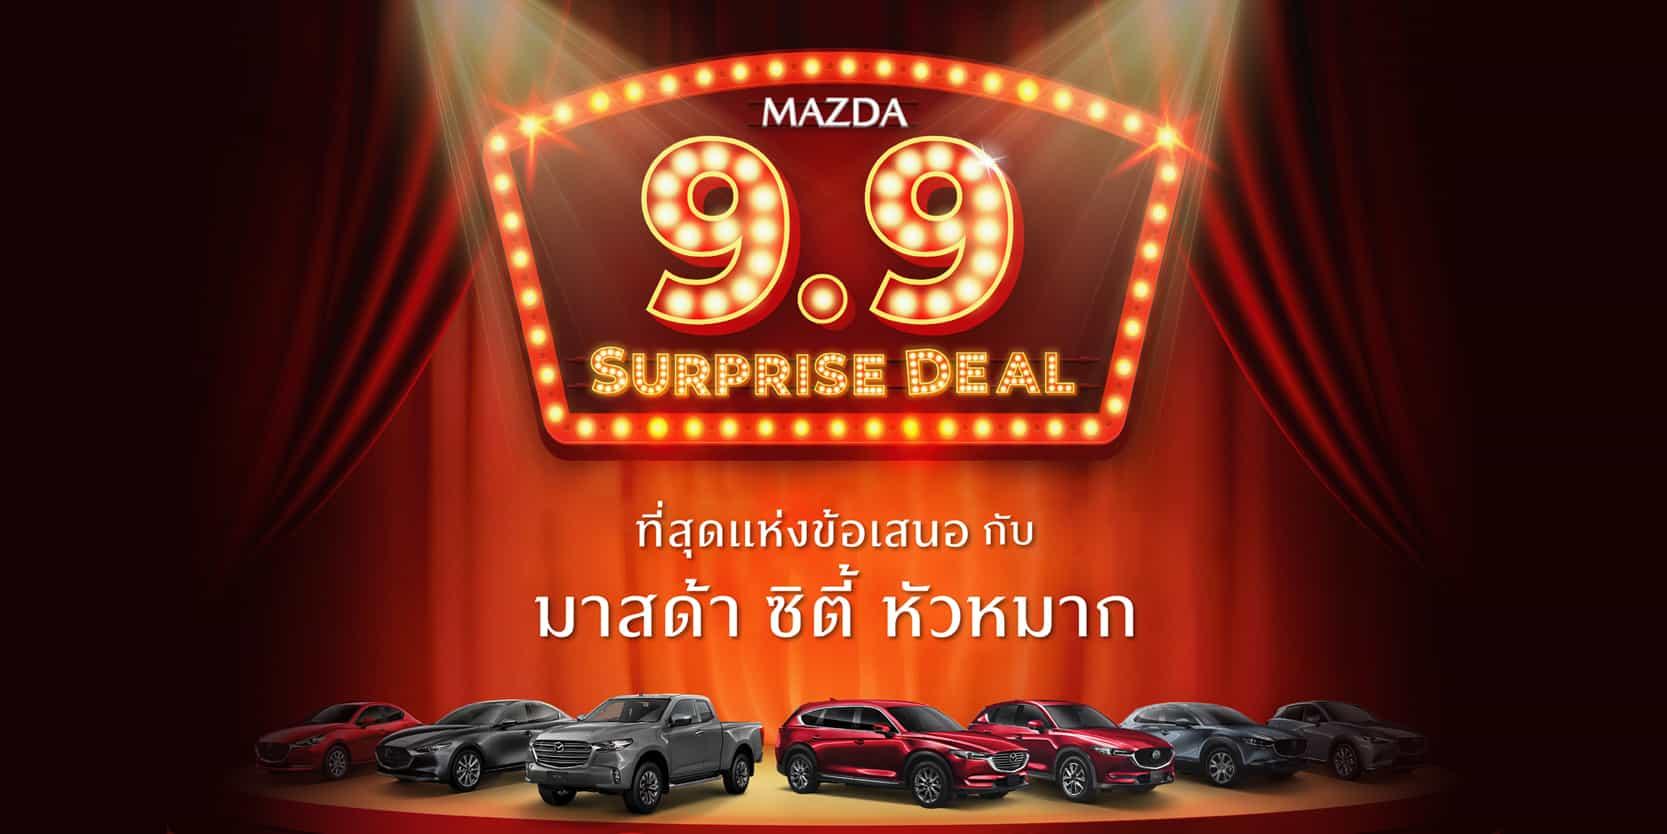 9.9 MAZDA SURPRISE DEAL - Mazda City_03